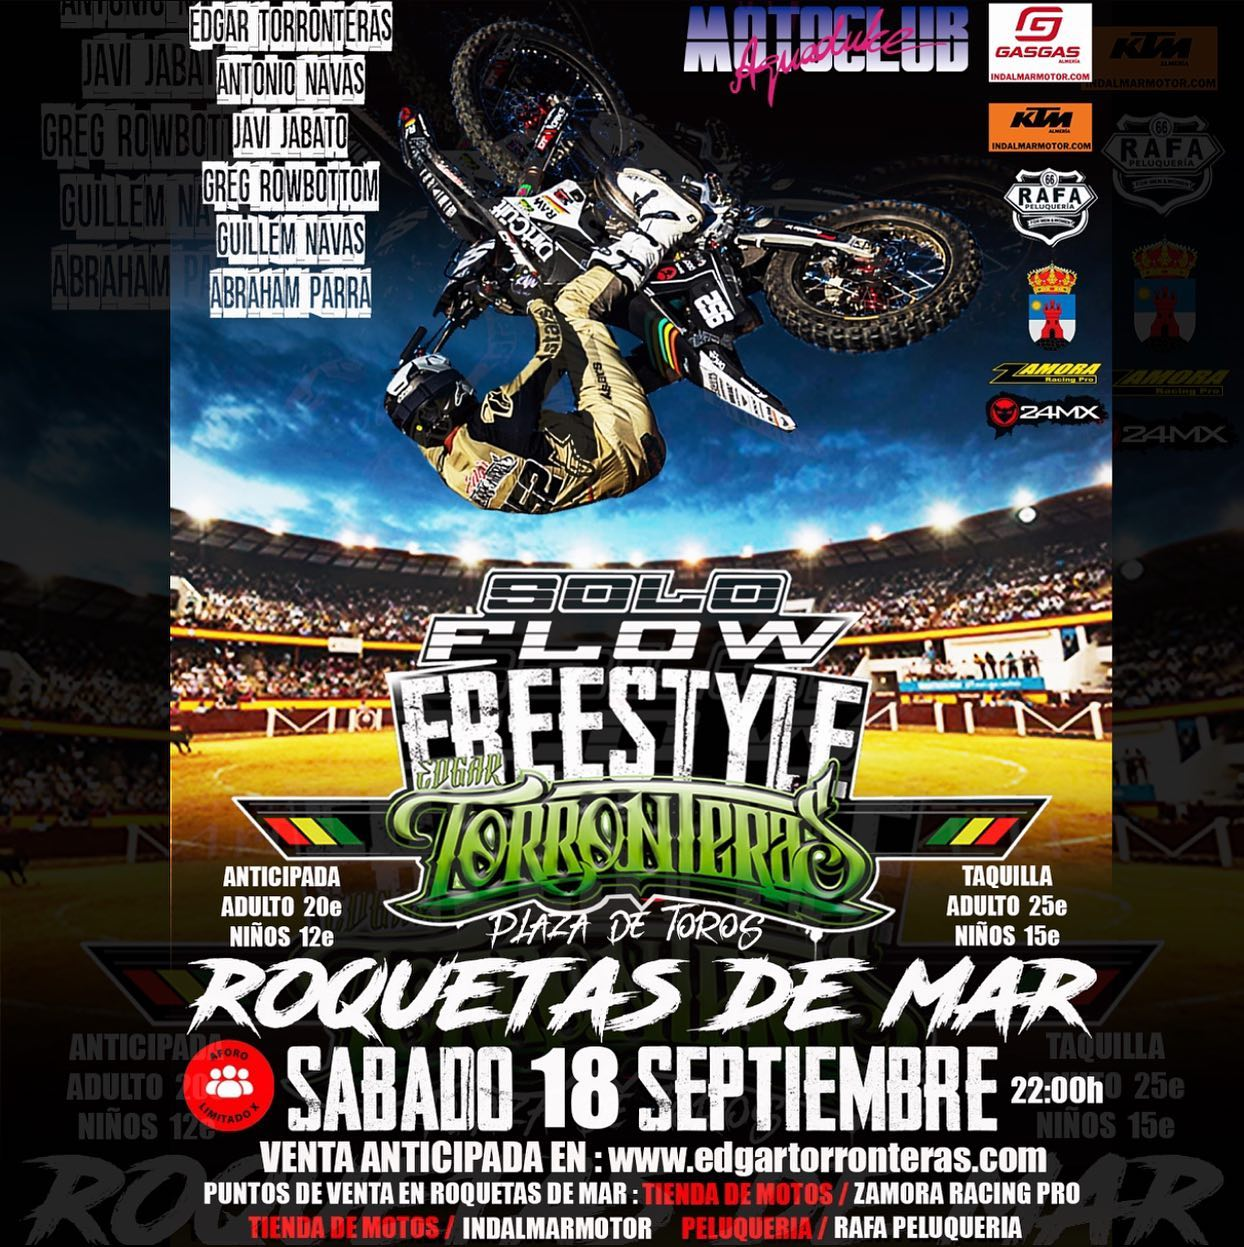 El pasado 18 de septiembre se realizó el espectáculo Solo flow freestyle de motos en Roquetas